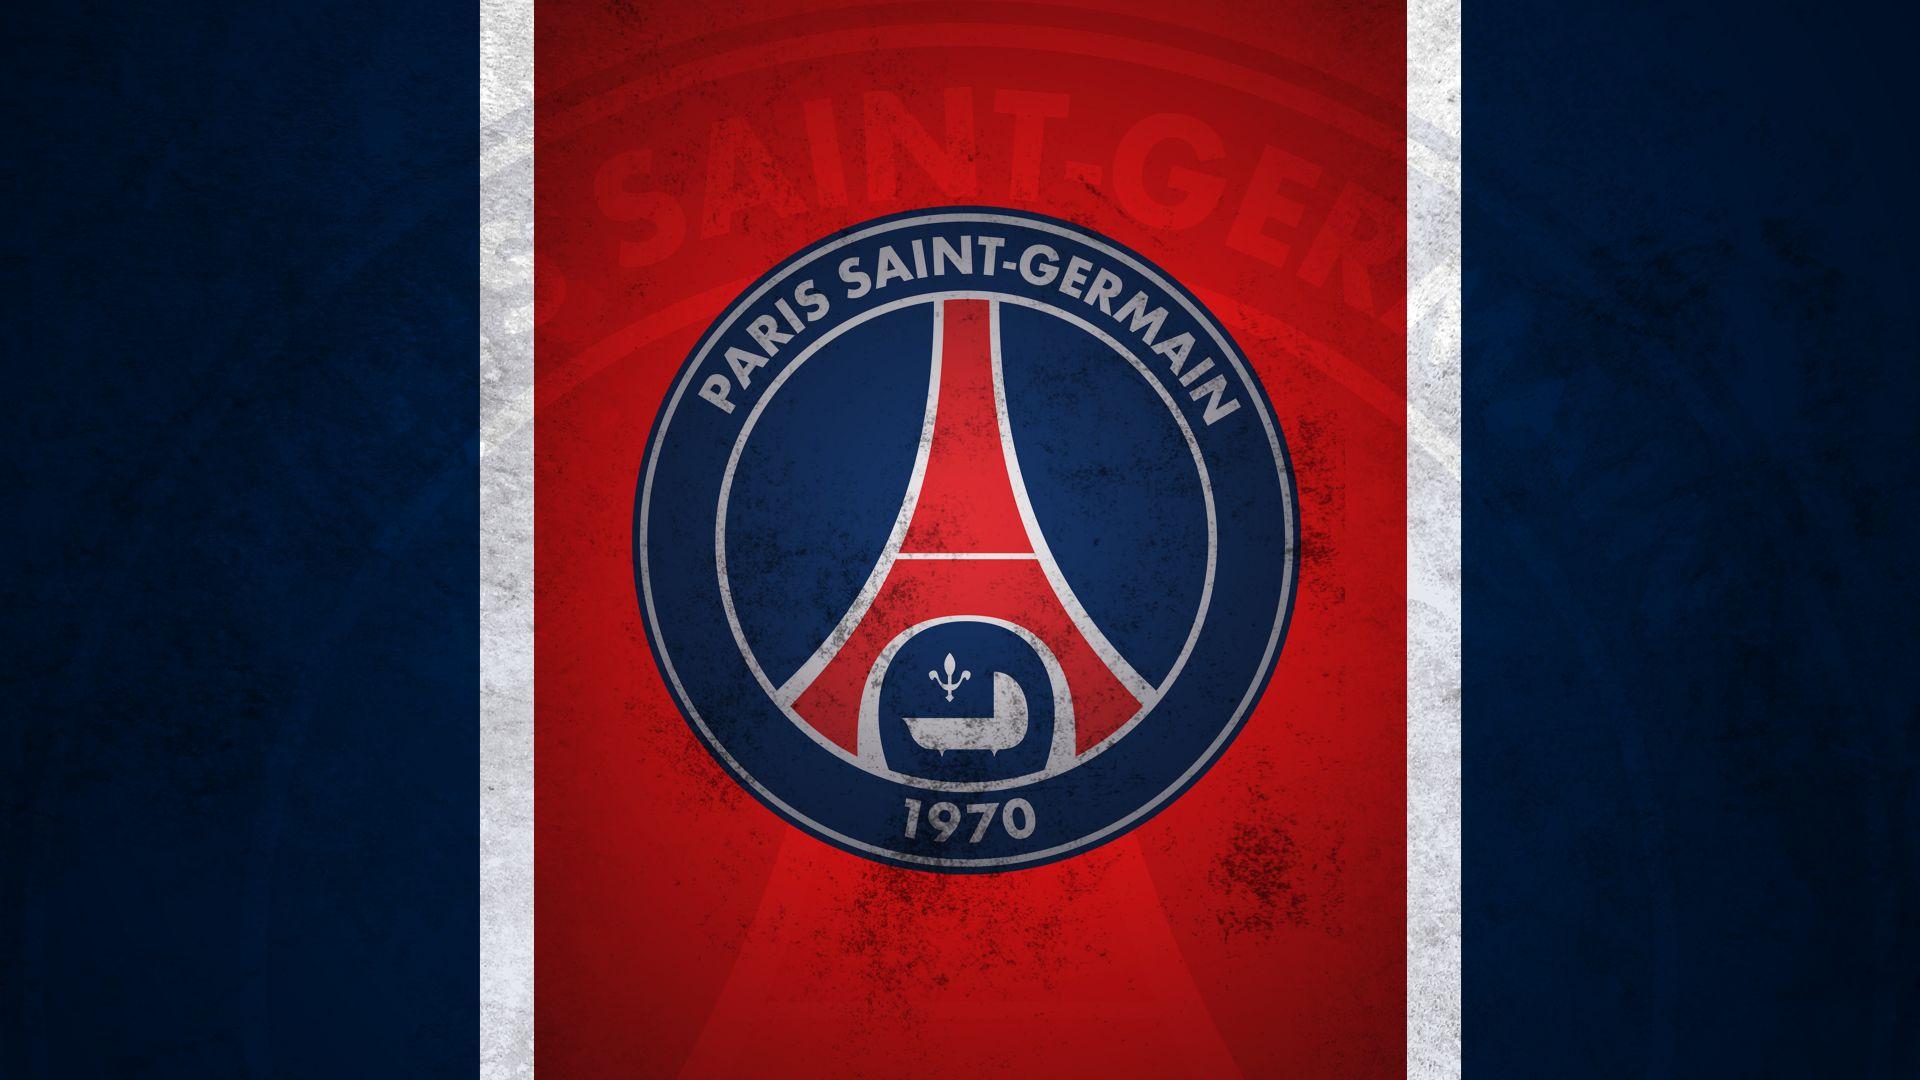 Paris-Saint-Germain-Old-Logo-HD-Wallpaper